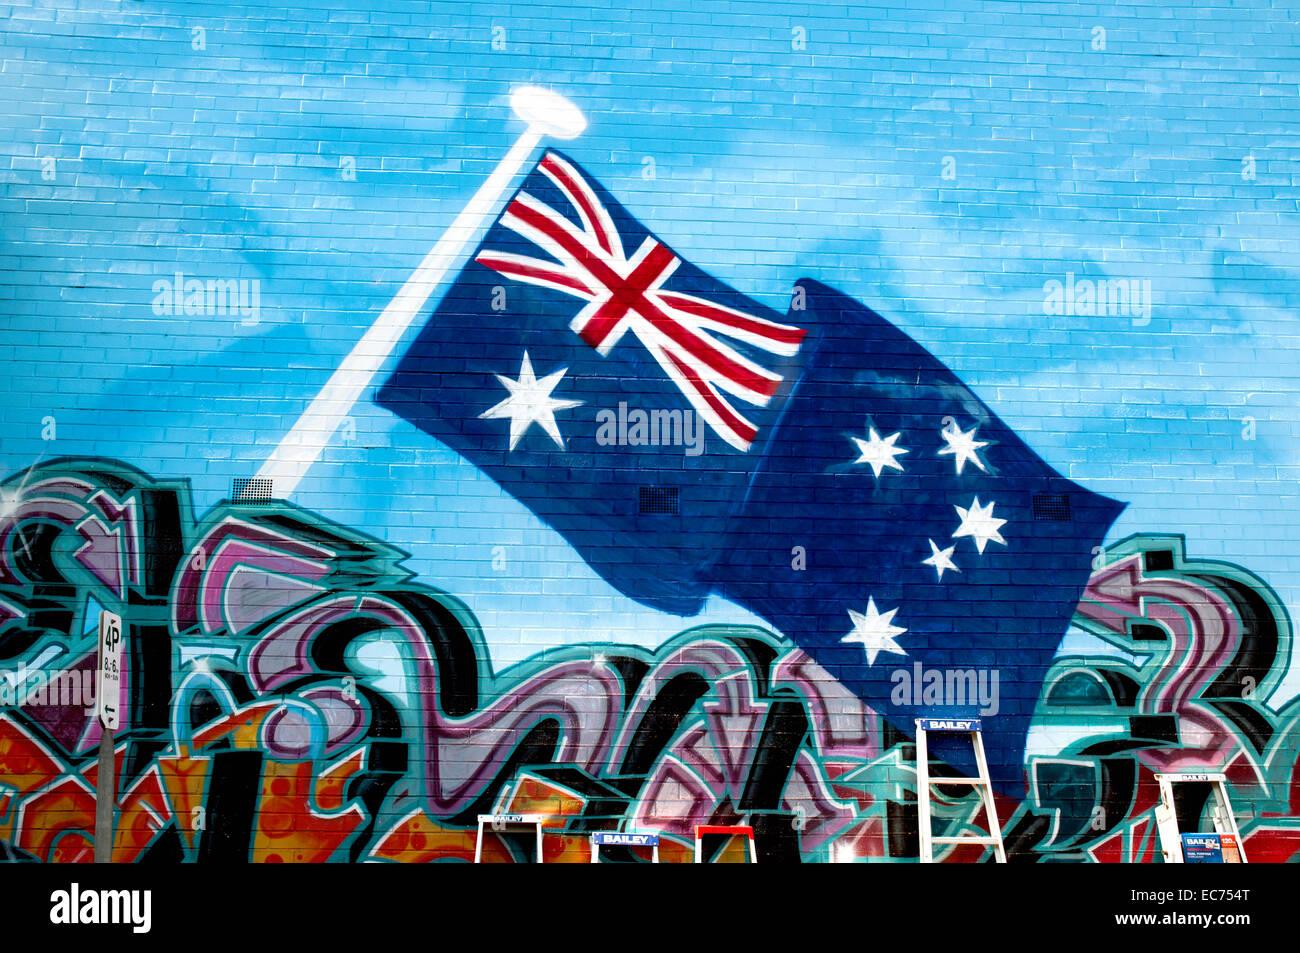 Street Art-Stil Wandmalereien schmücken die Außenwand von einem Baumarkt, Melbourne, Australien. Stockbild